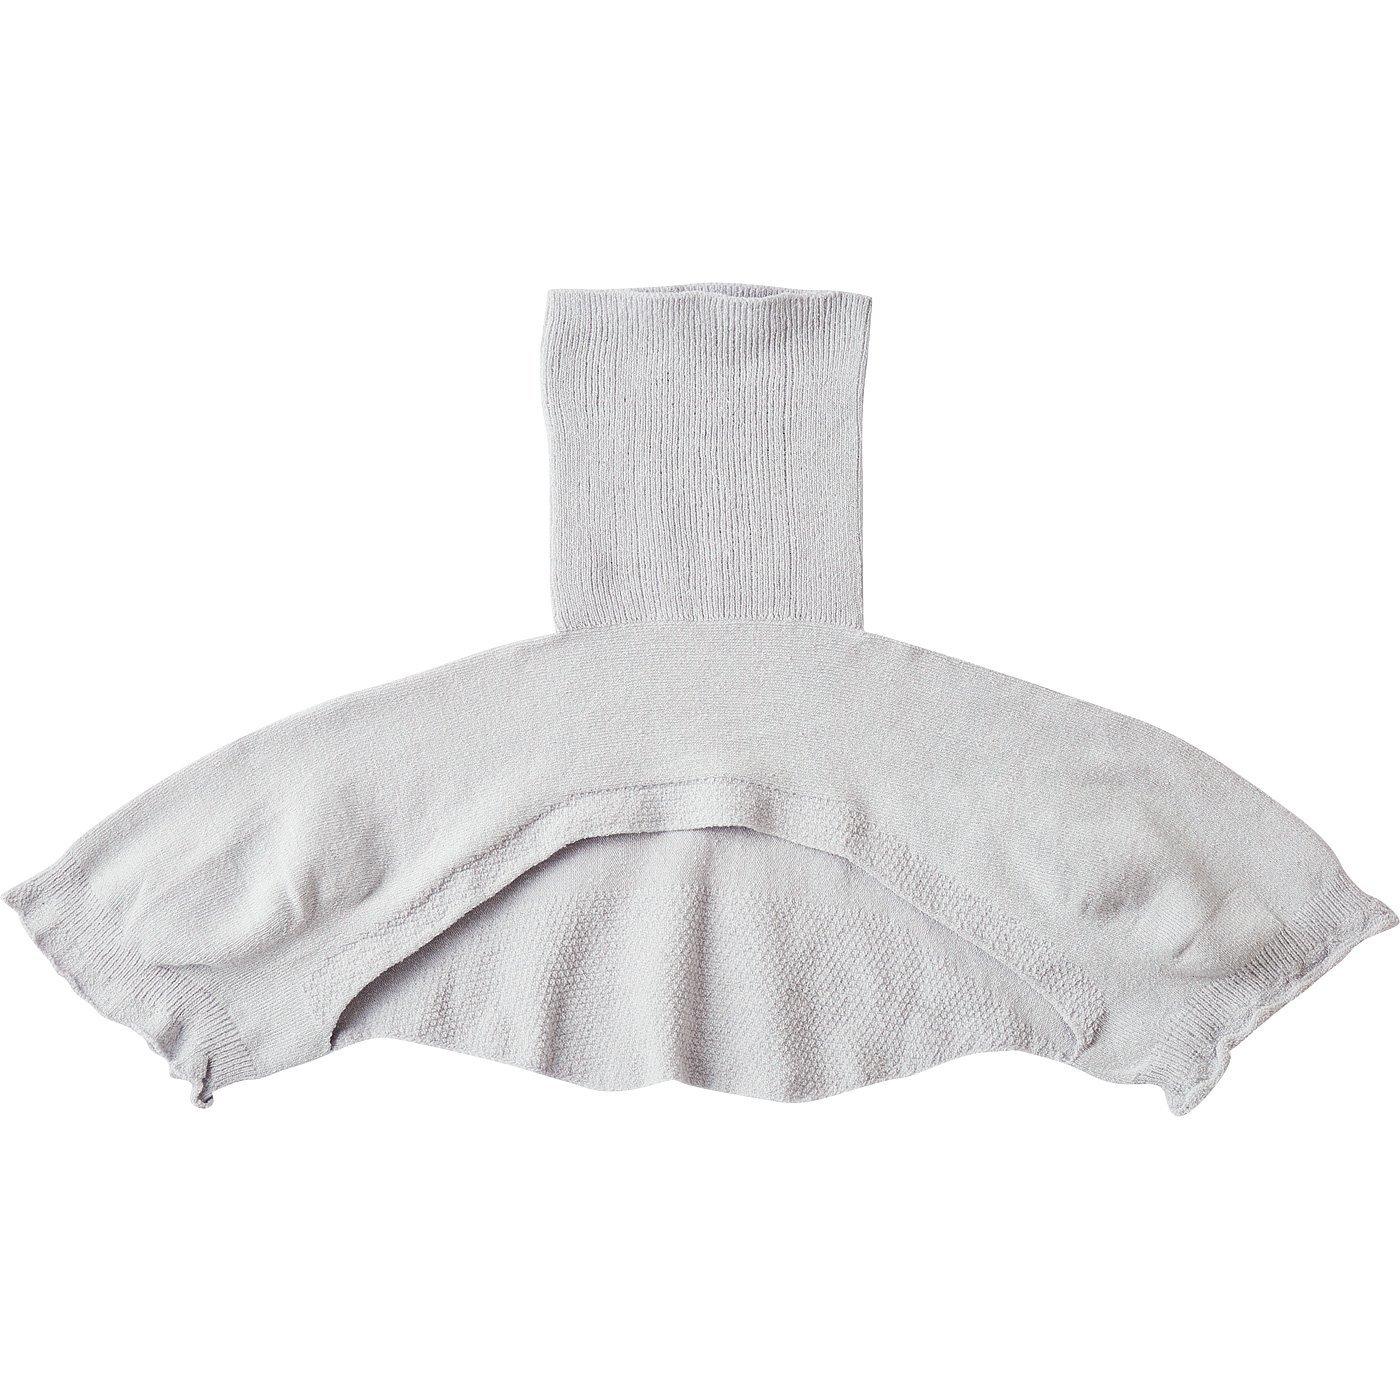 ホールガーメント(R)の解放感 絹混ニットの首肩ウォーマー〈グレー〉